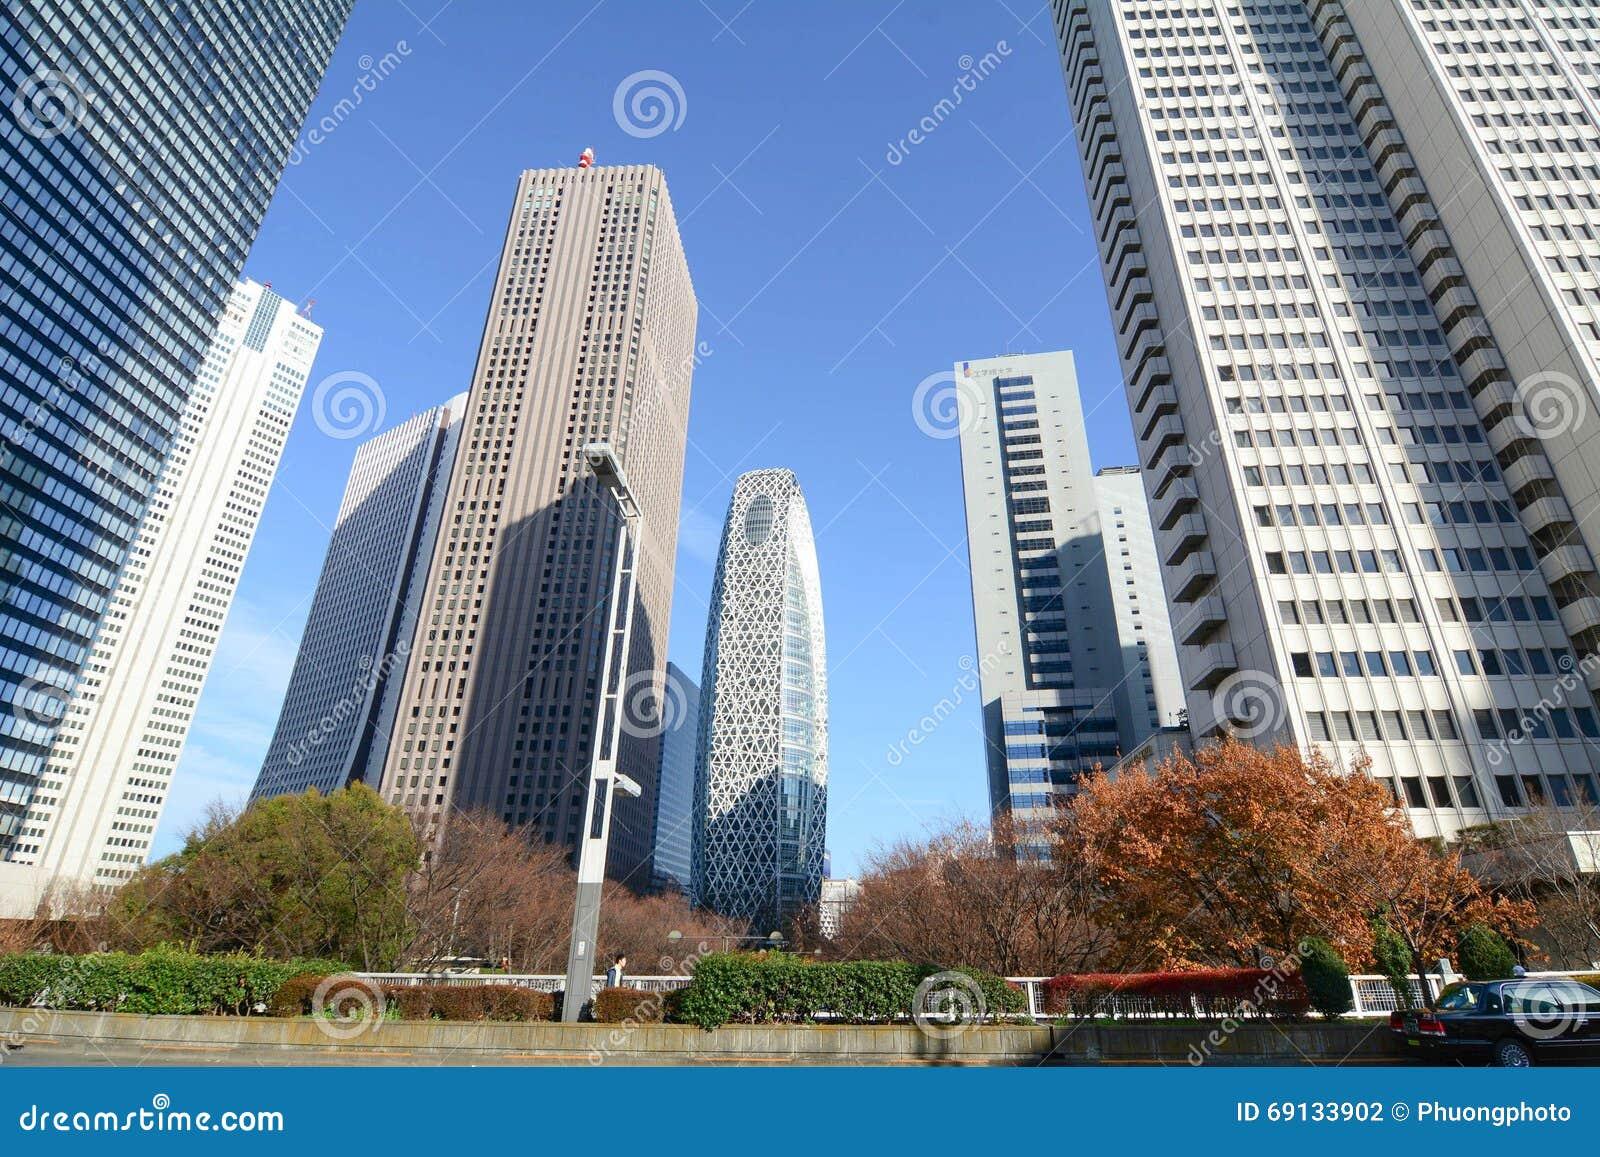 Construções altas em Shinjuku, Tóquio, Japão